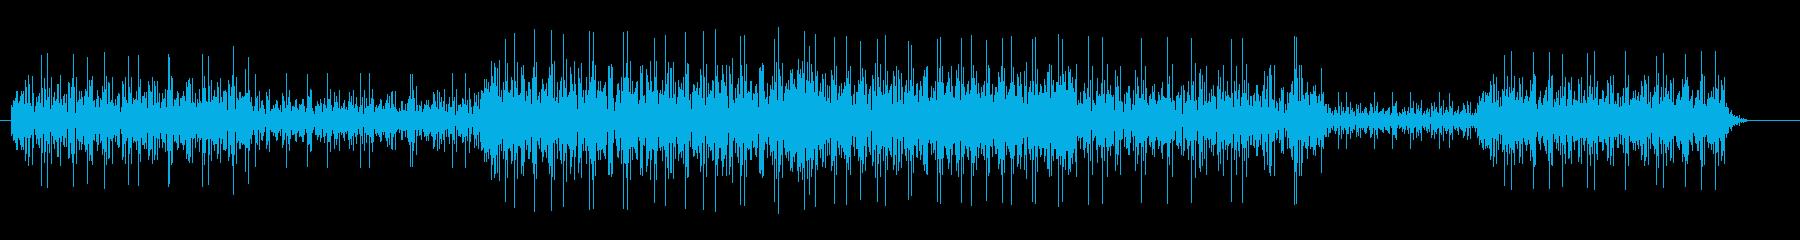 水の流れる音 効果音の再生済みの波形